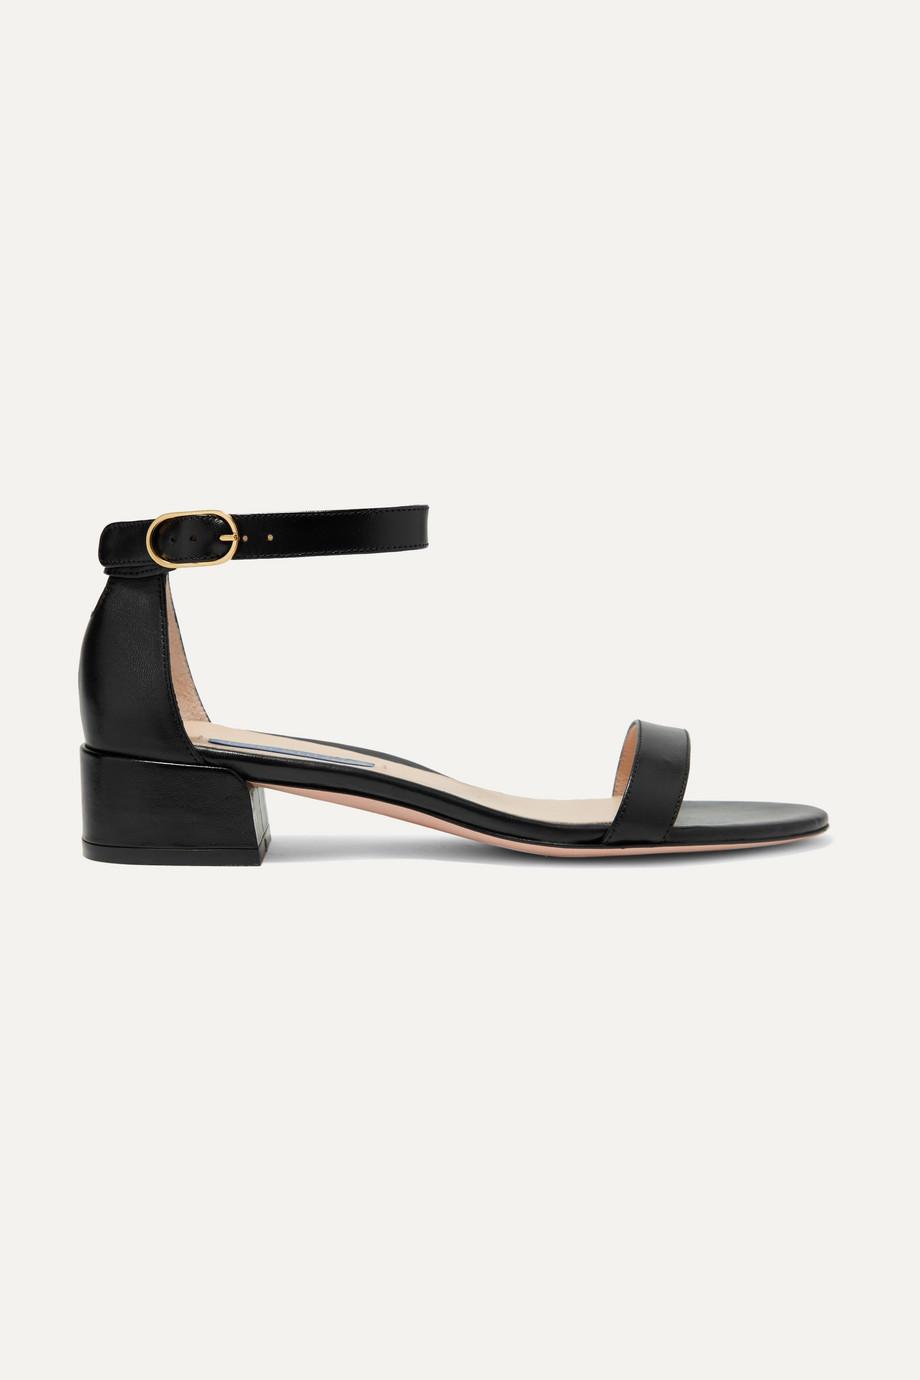 Stuart Weitzman NudistJune leather sandals